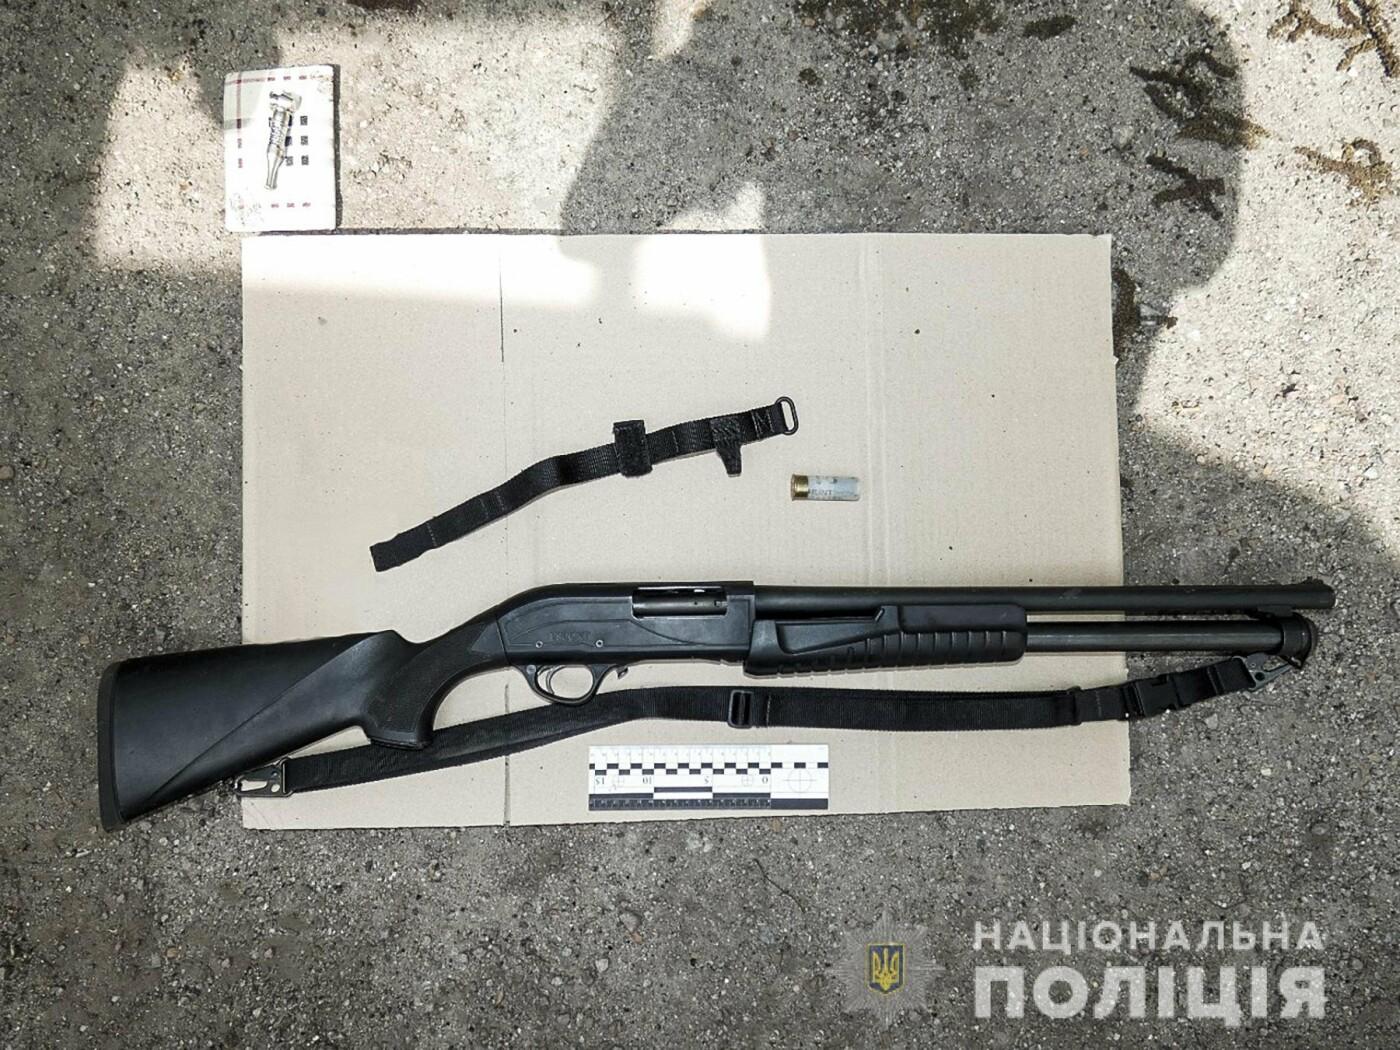 Задержан мужчина, стрелявший в Кирилловке, фото-1